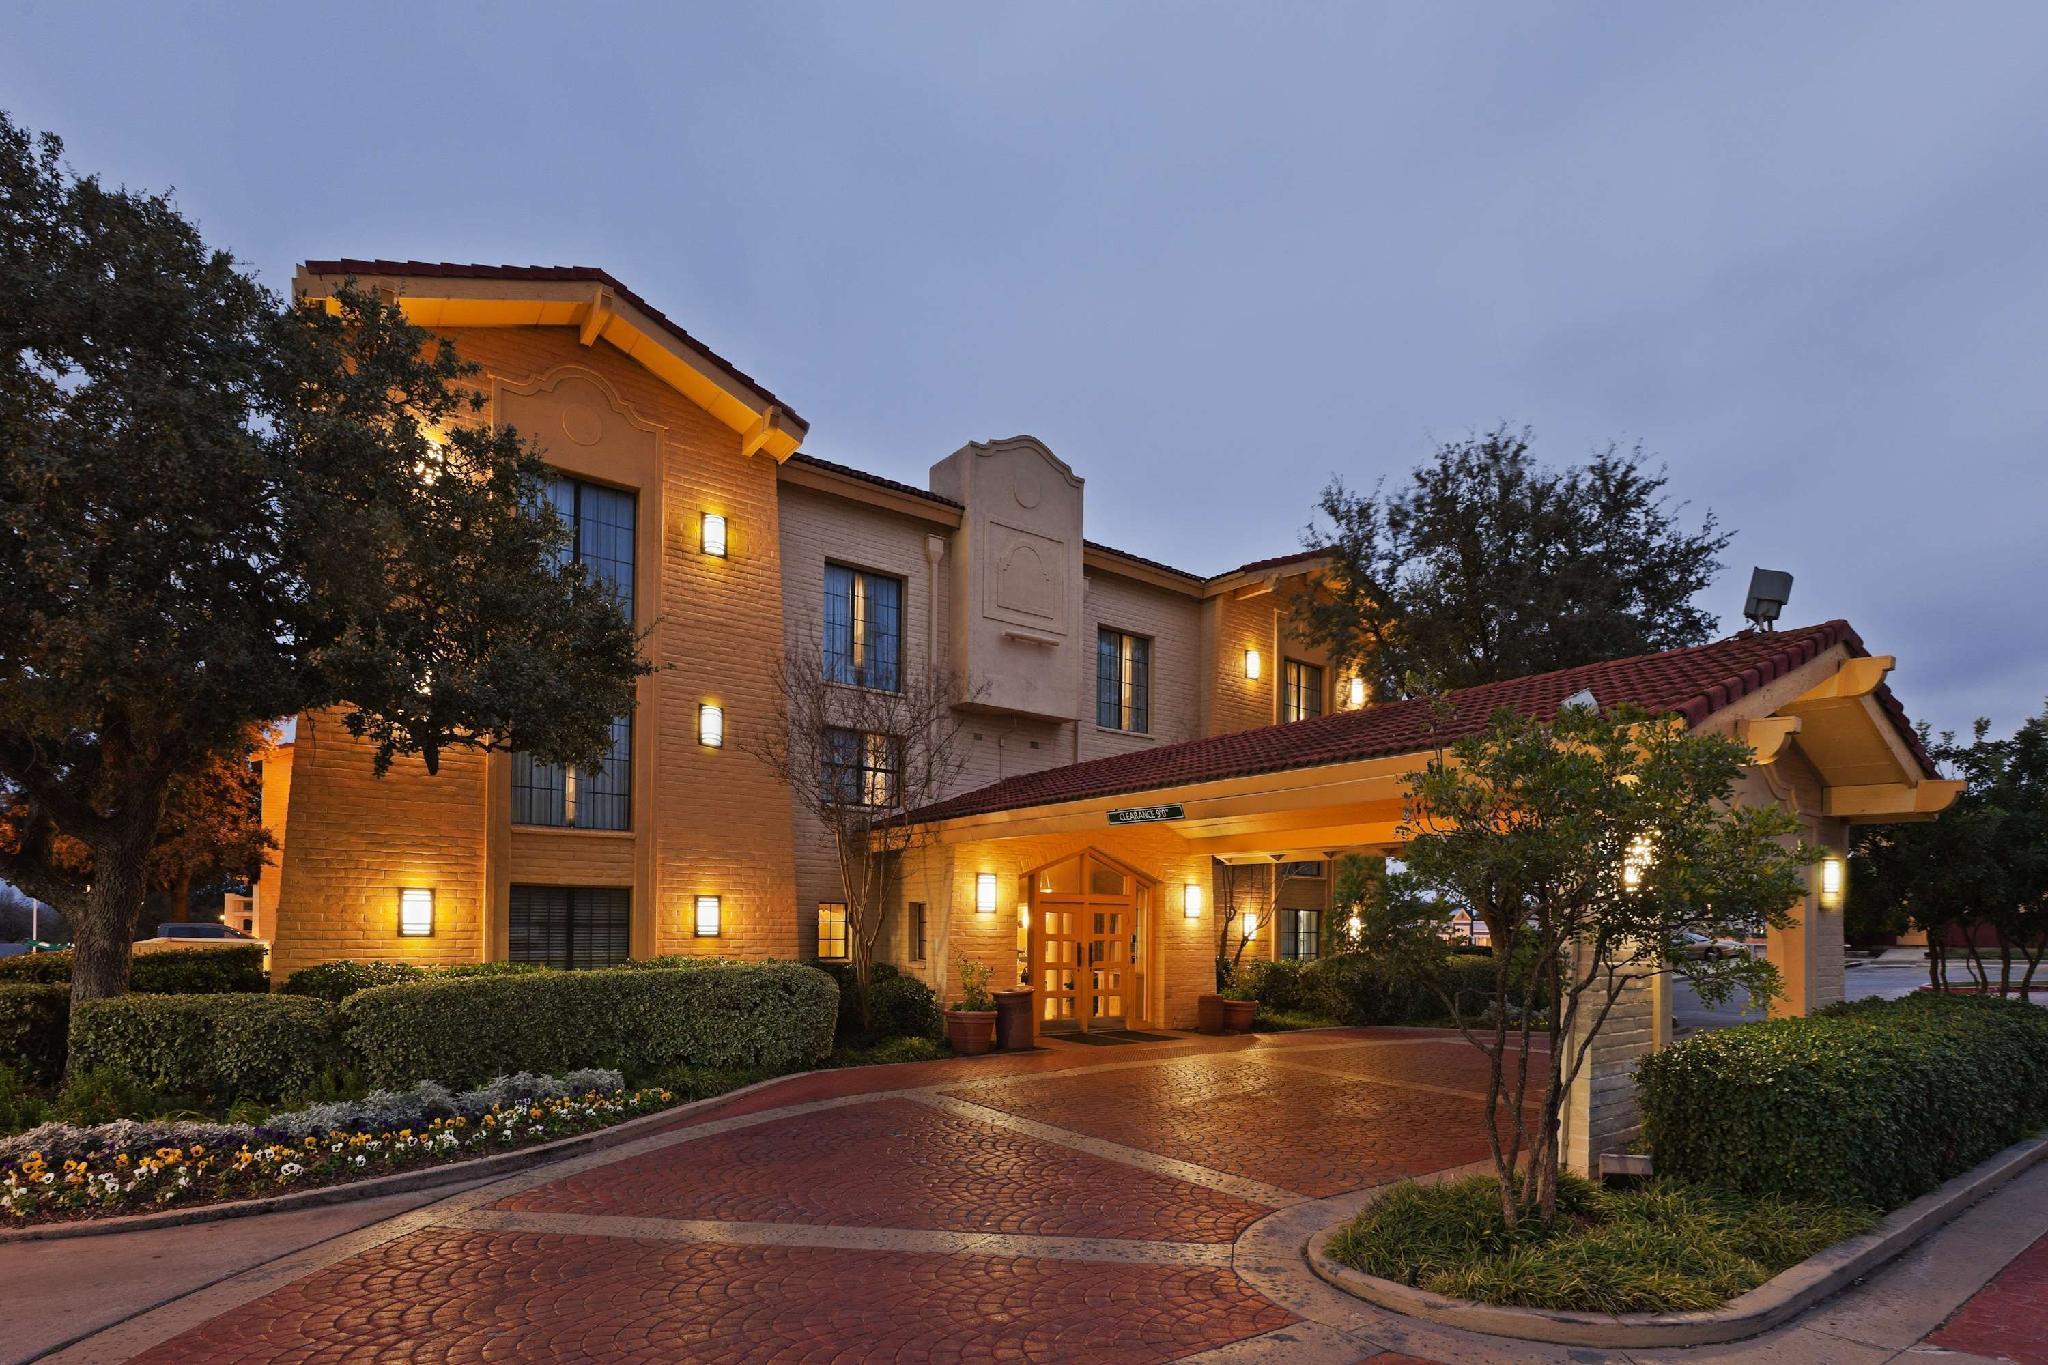 La Quinta Inn By Wyndham San Antonio I 35 N At Toepperwein